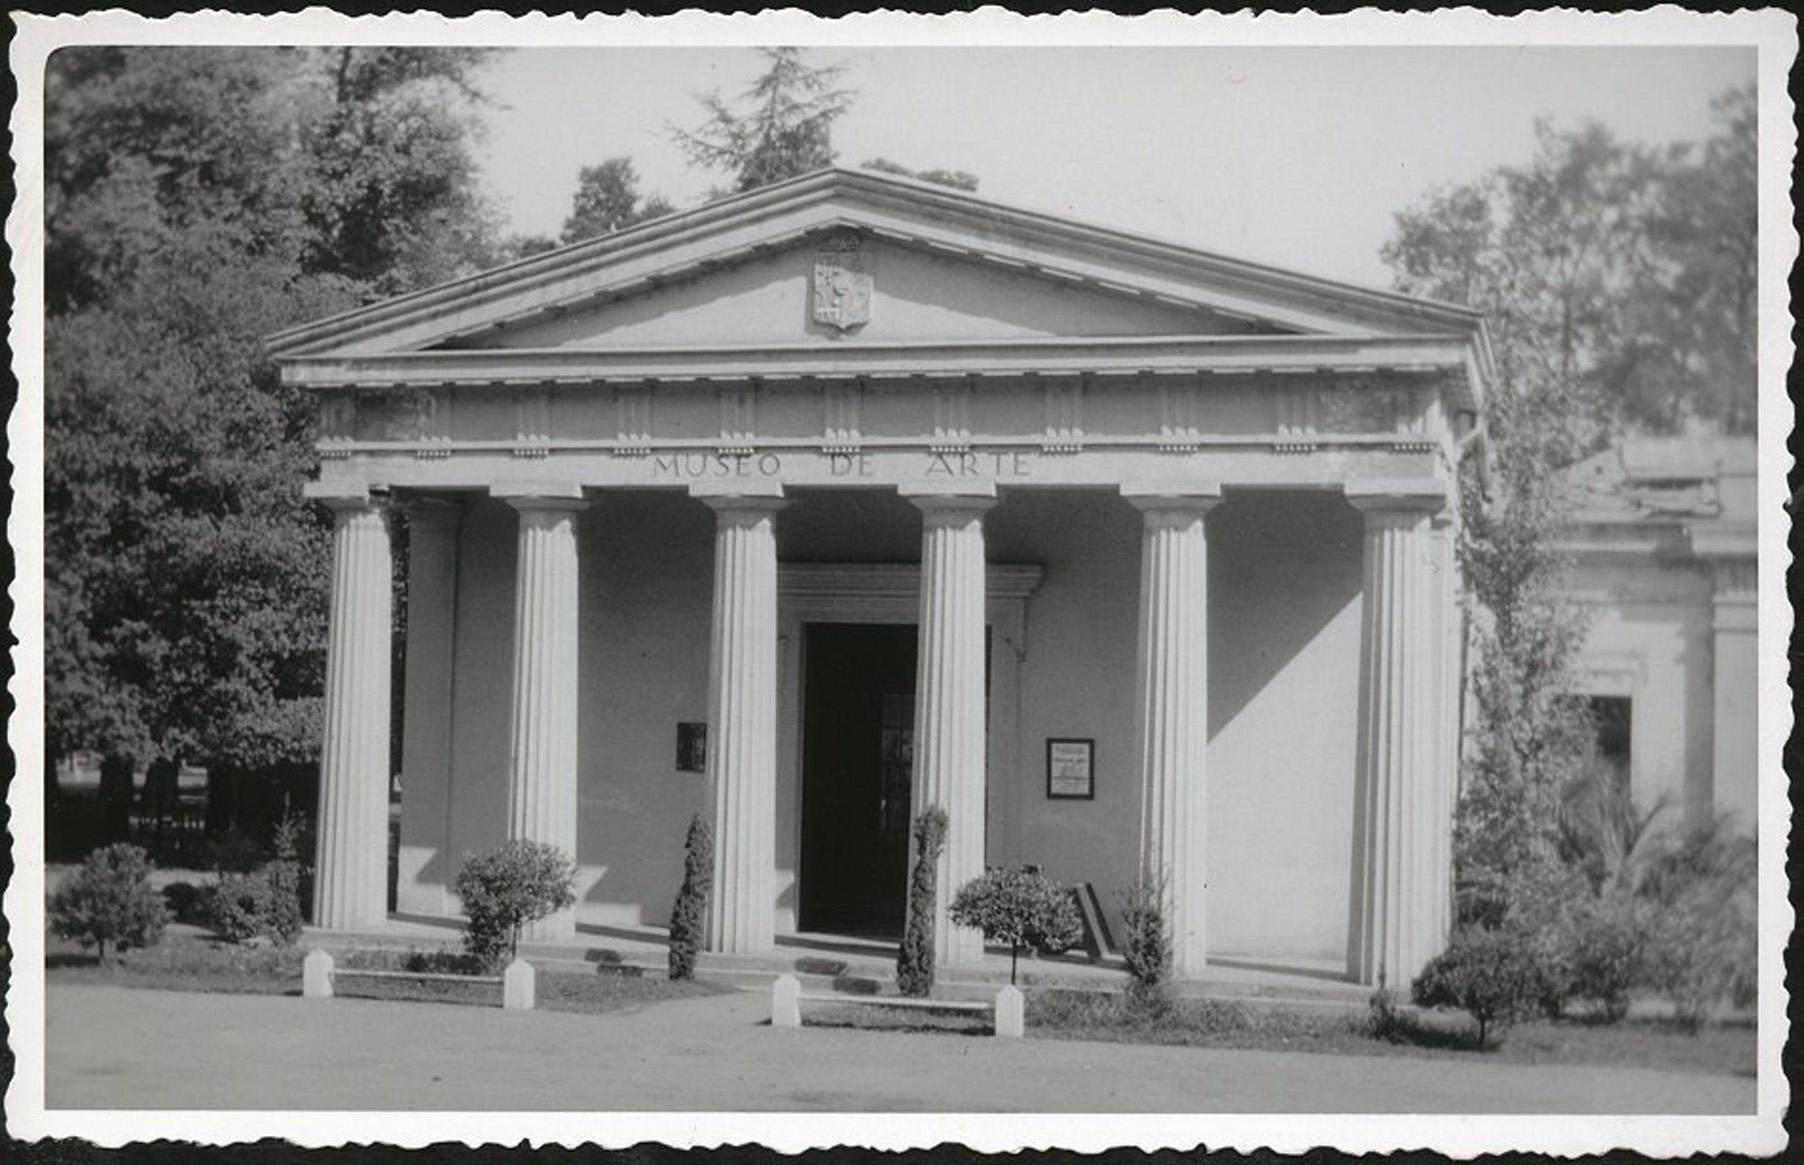 Enterreno - Fotos históricas de chile - fotos antiguas de Chile - El Partenón de la Quinta Normal de Santiago, 1948